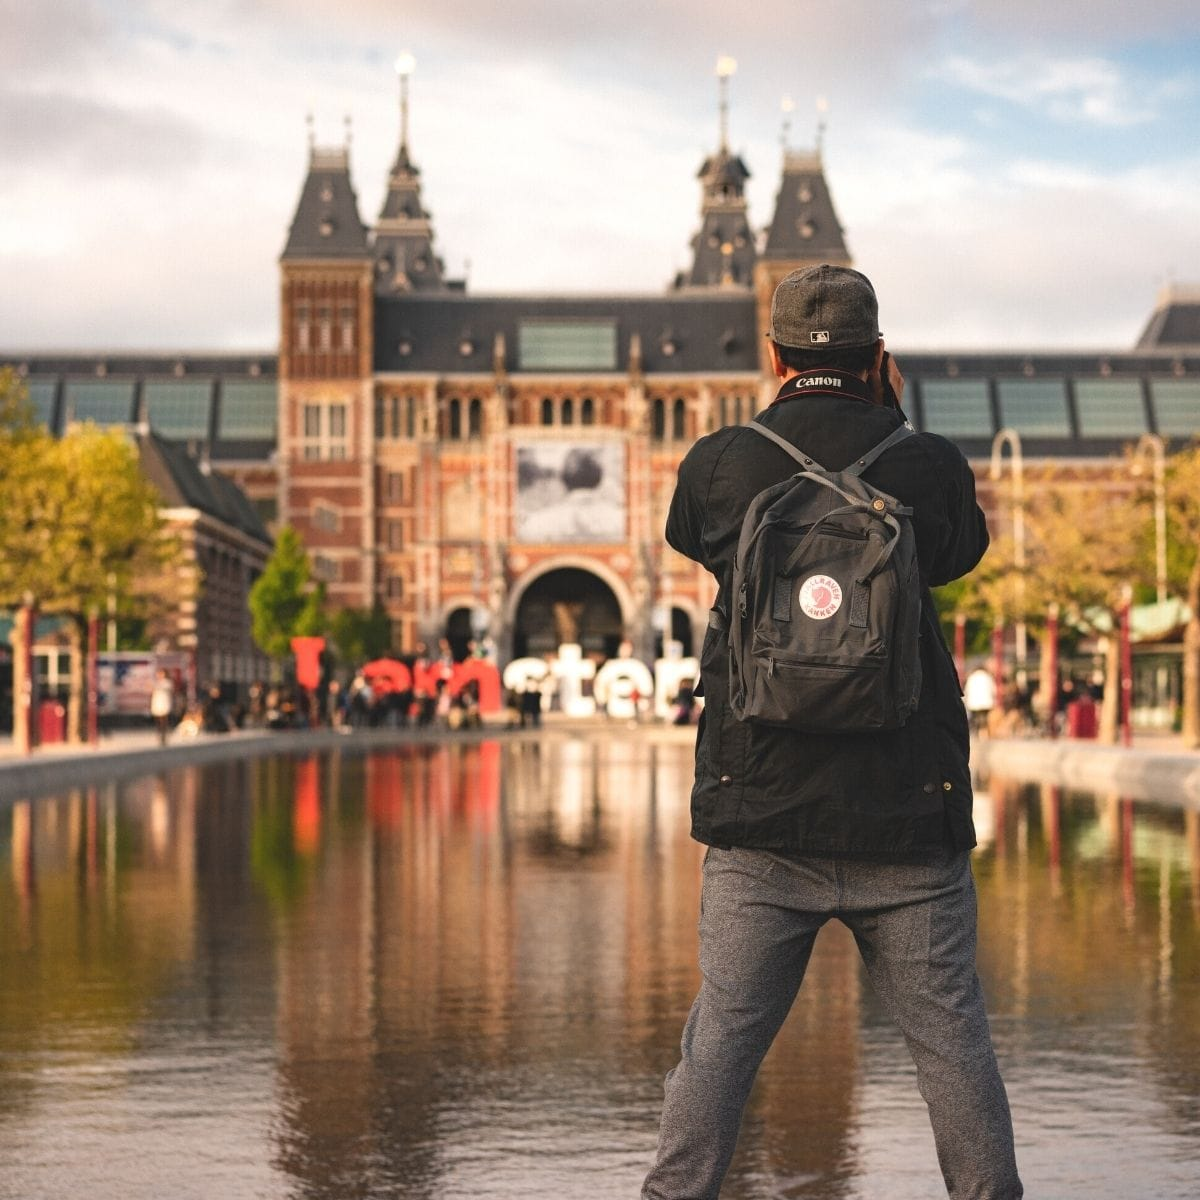 10 Kegiatan Seru yang Wajib Kamu Lakukan Saat Liburan di Belanda - Sumber Unsplash